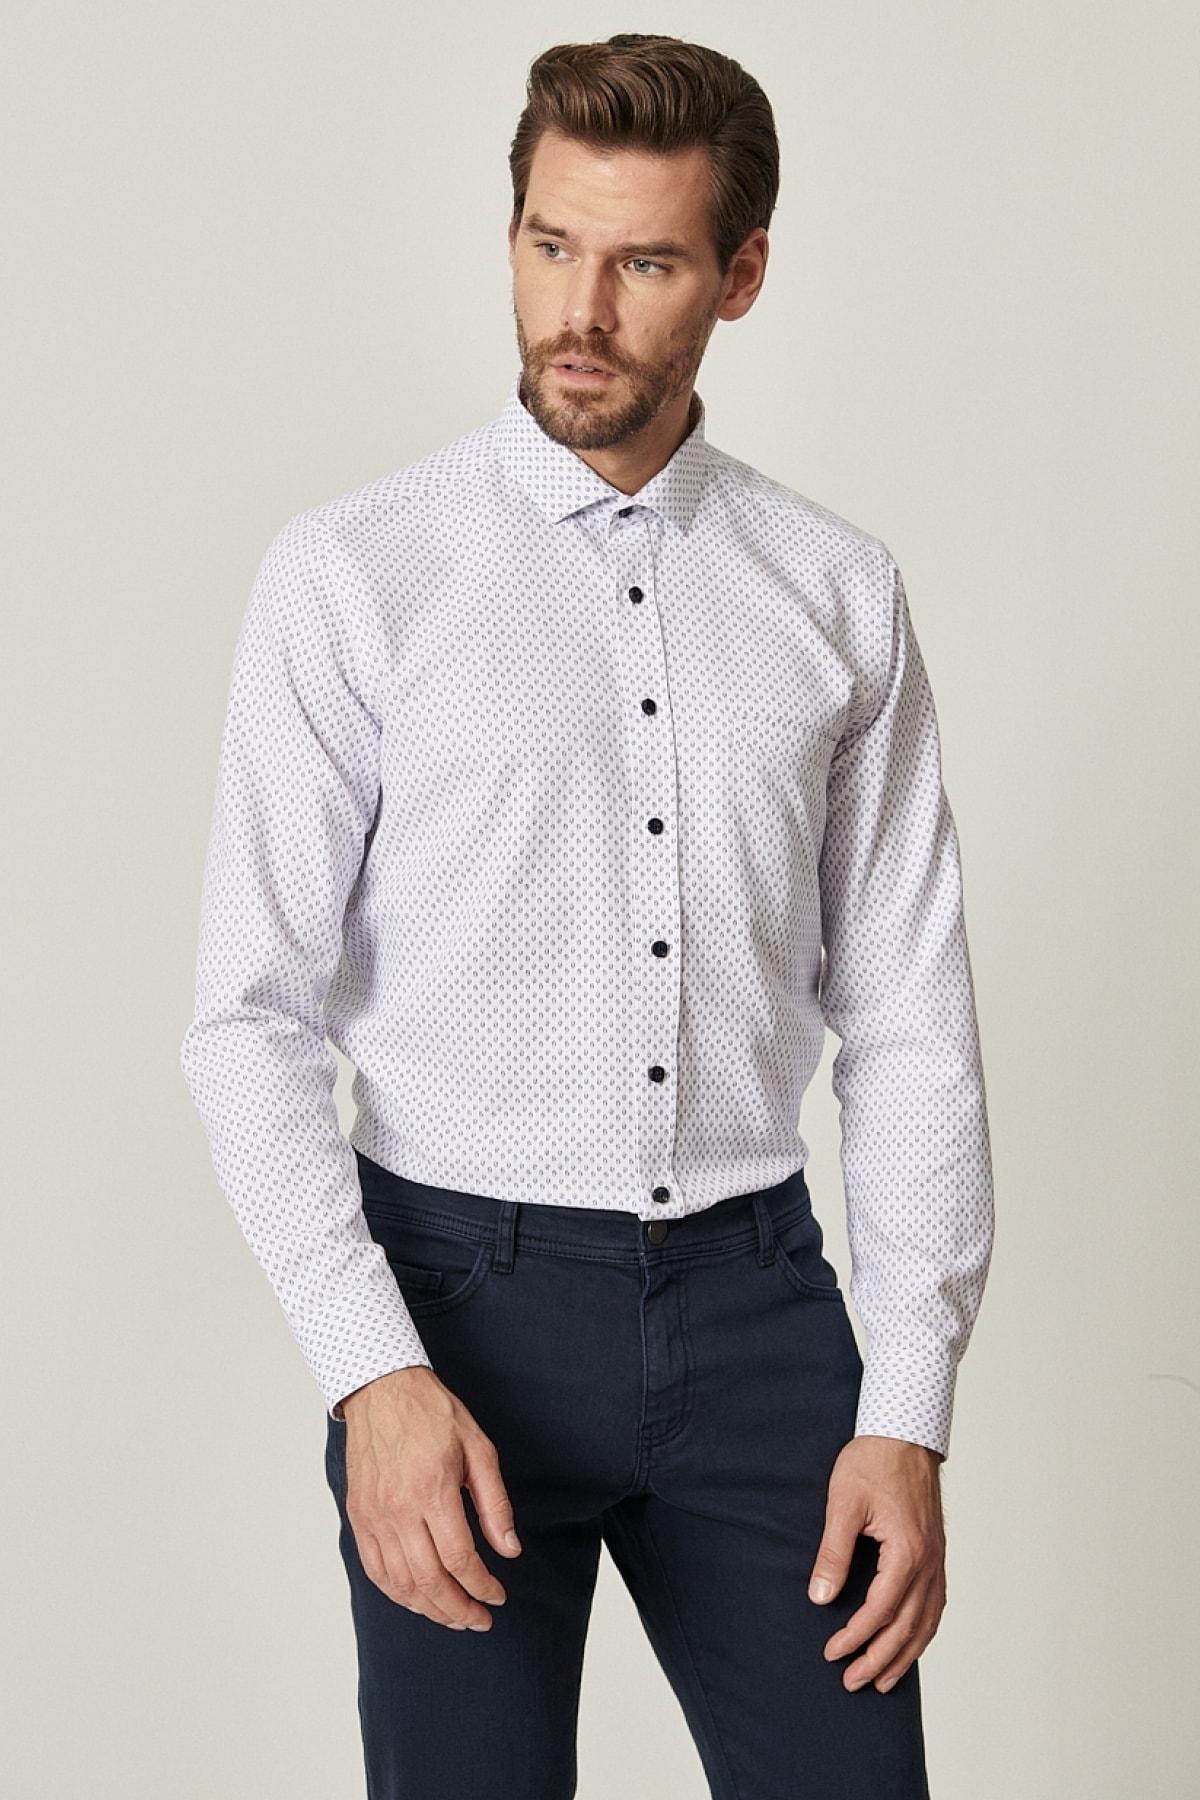 Erkek Beyaz-Lacivert Tailored Slim Fit Dar Kesim Küçük İtalyan Yaka Baskılı Gömlek